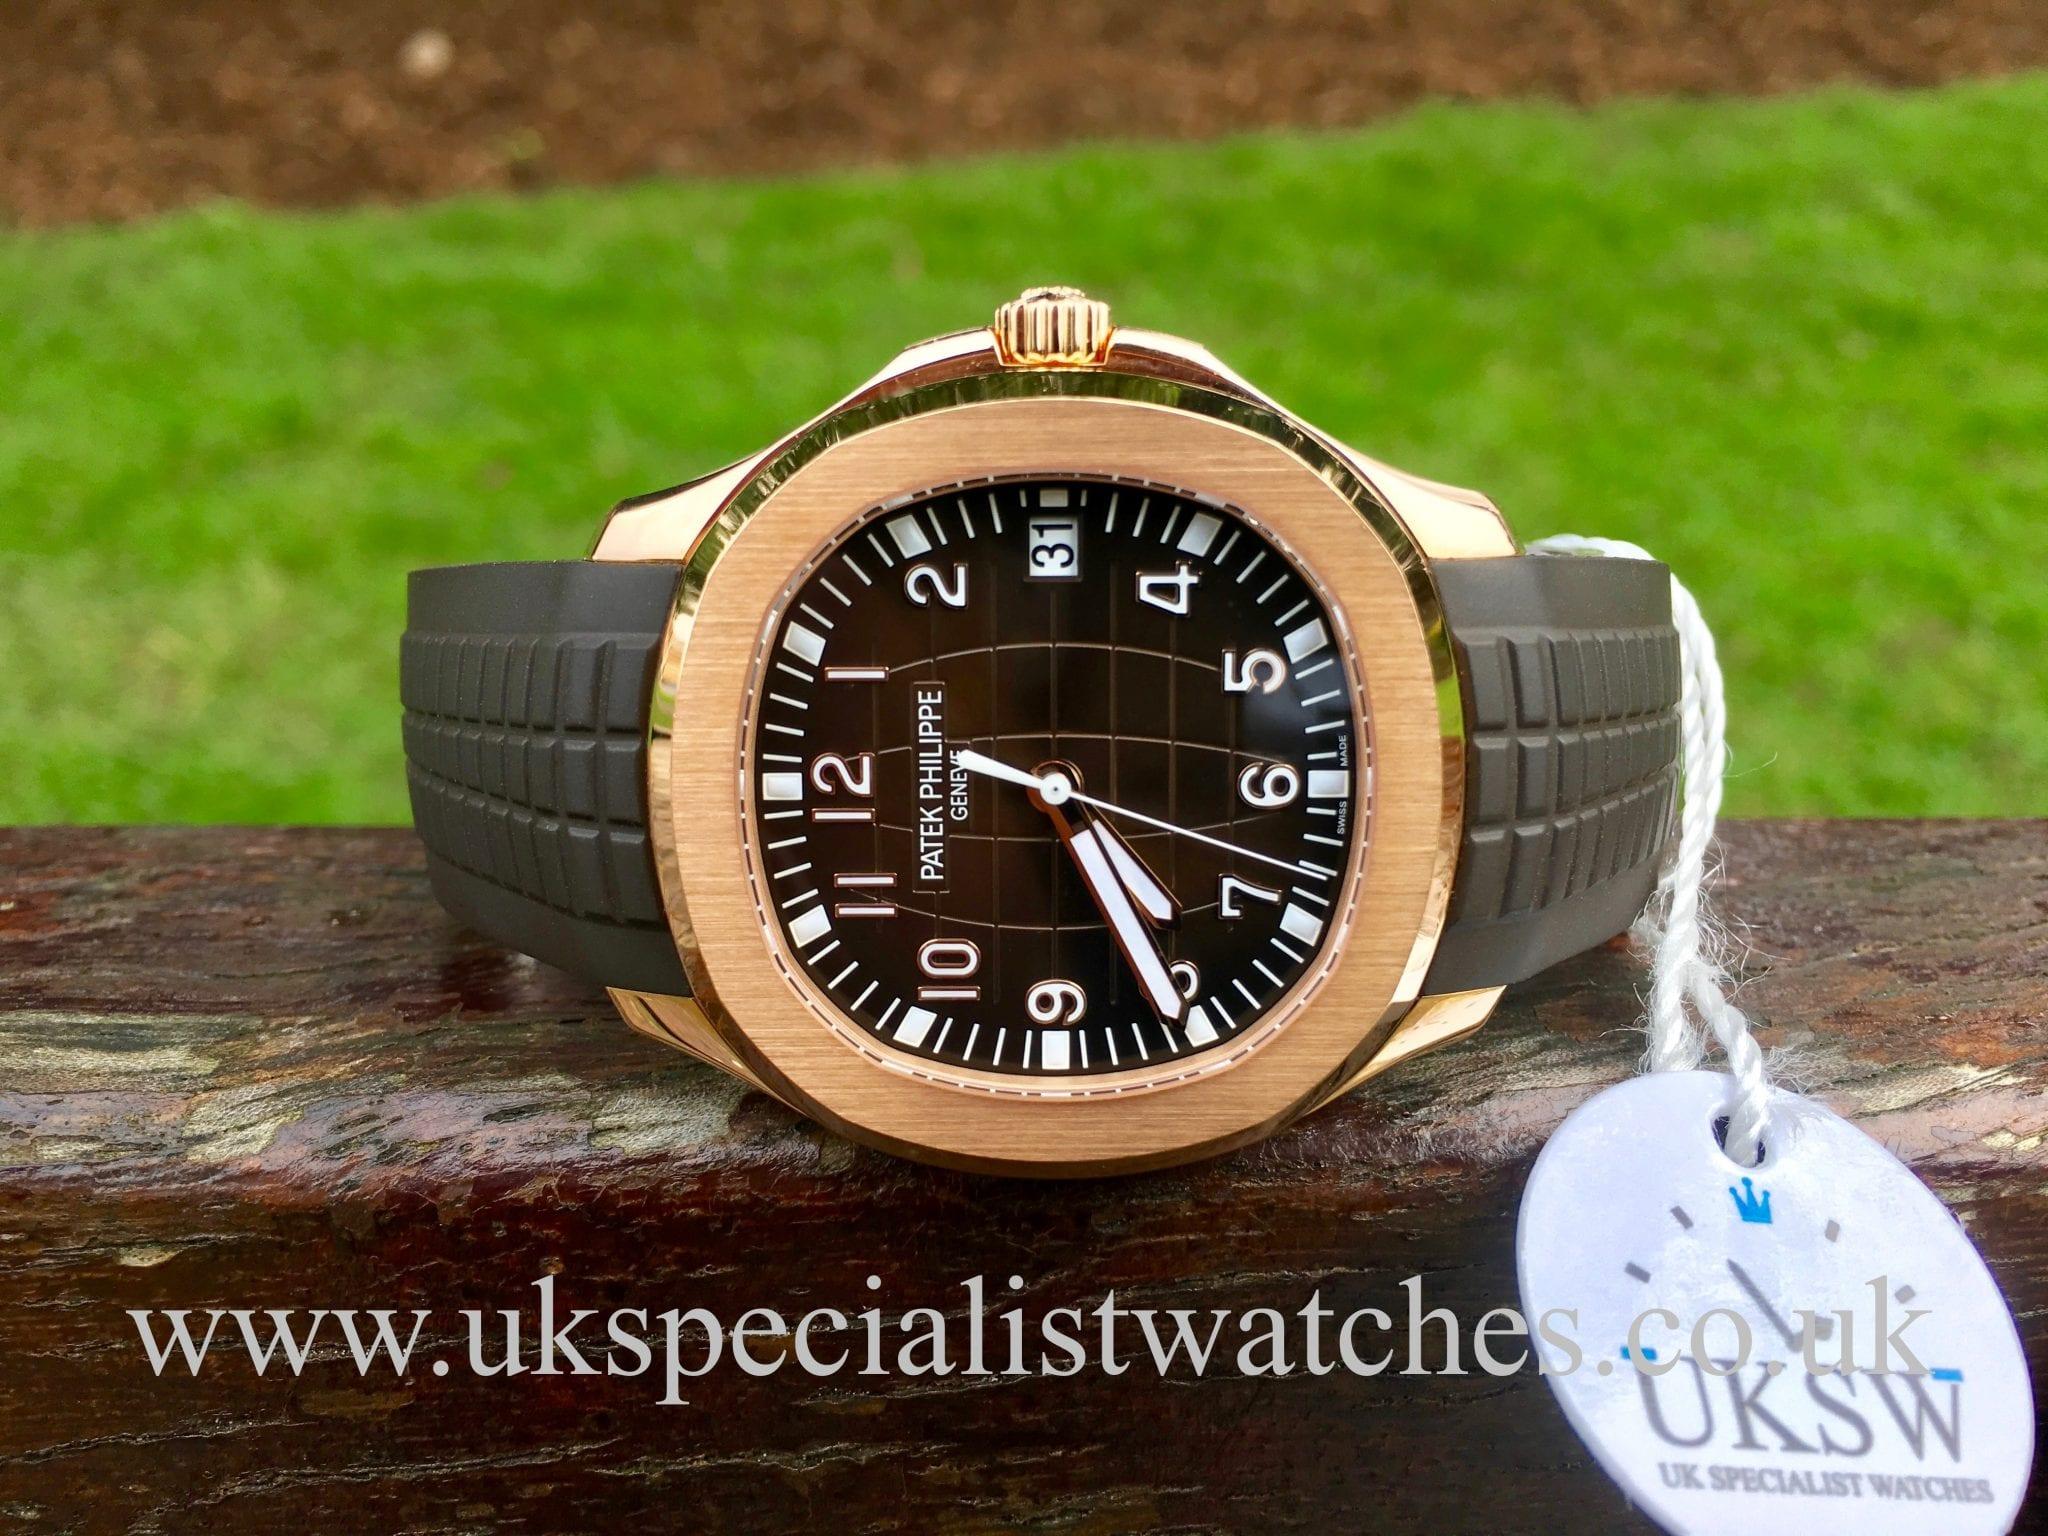 Patek Philippe Aquanaut 18ct Rose Gold 5167r 001 Uk Specialist